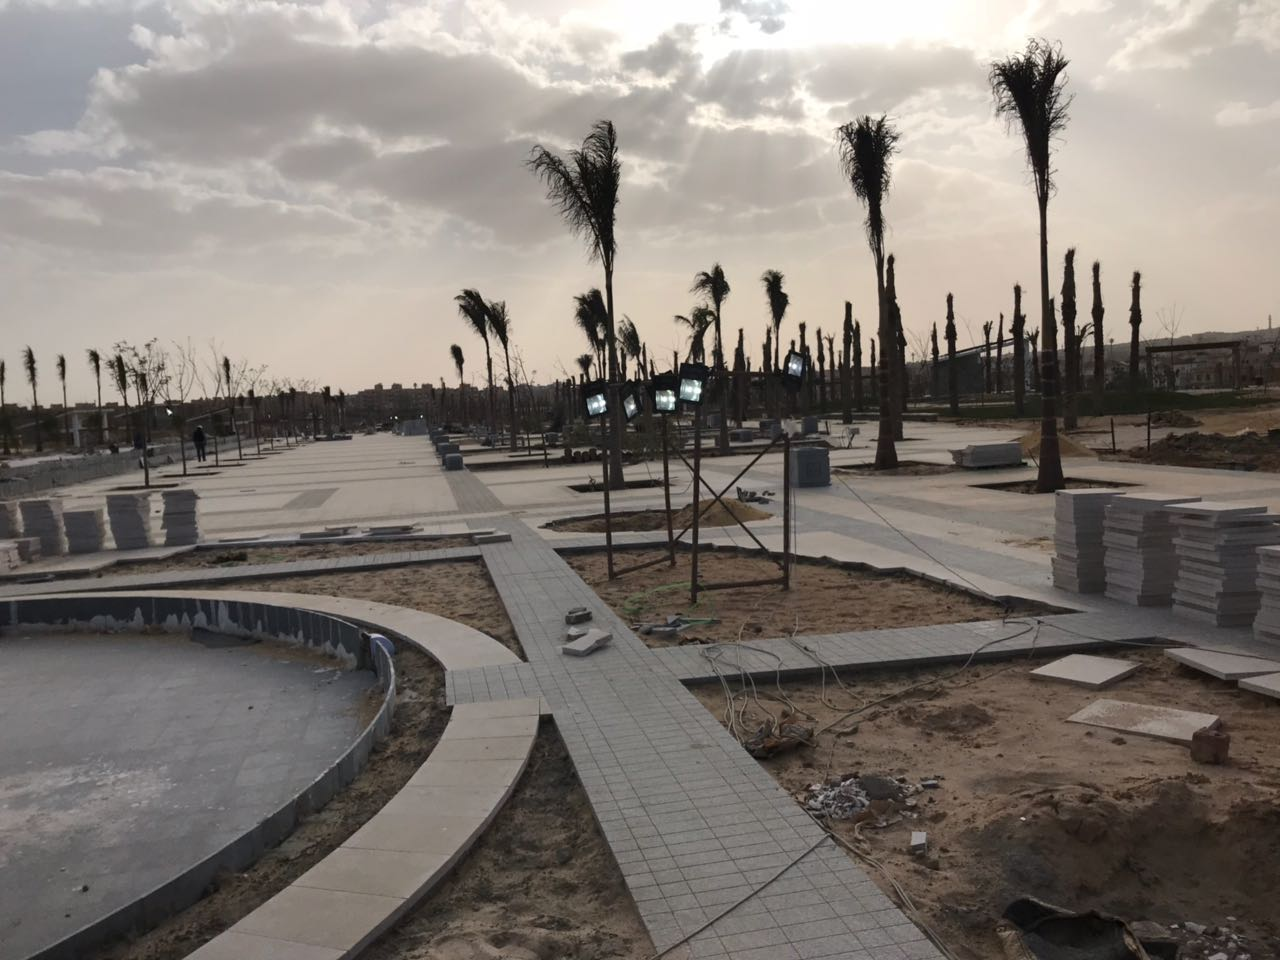 الحديقة المركزية بمدينة الشيخ زايد  (6)